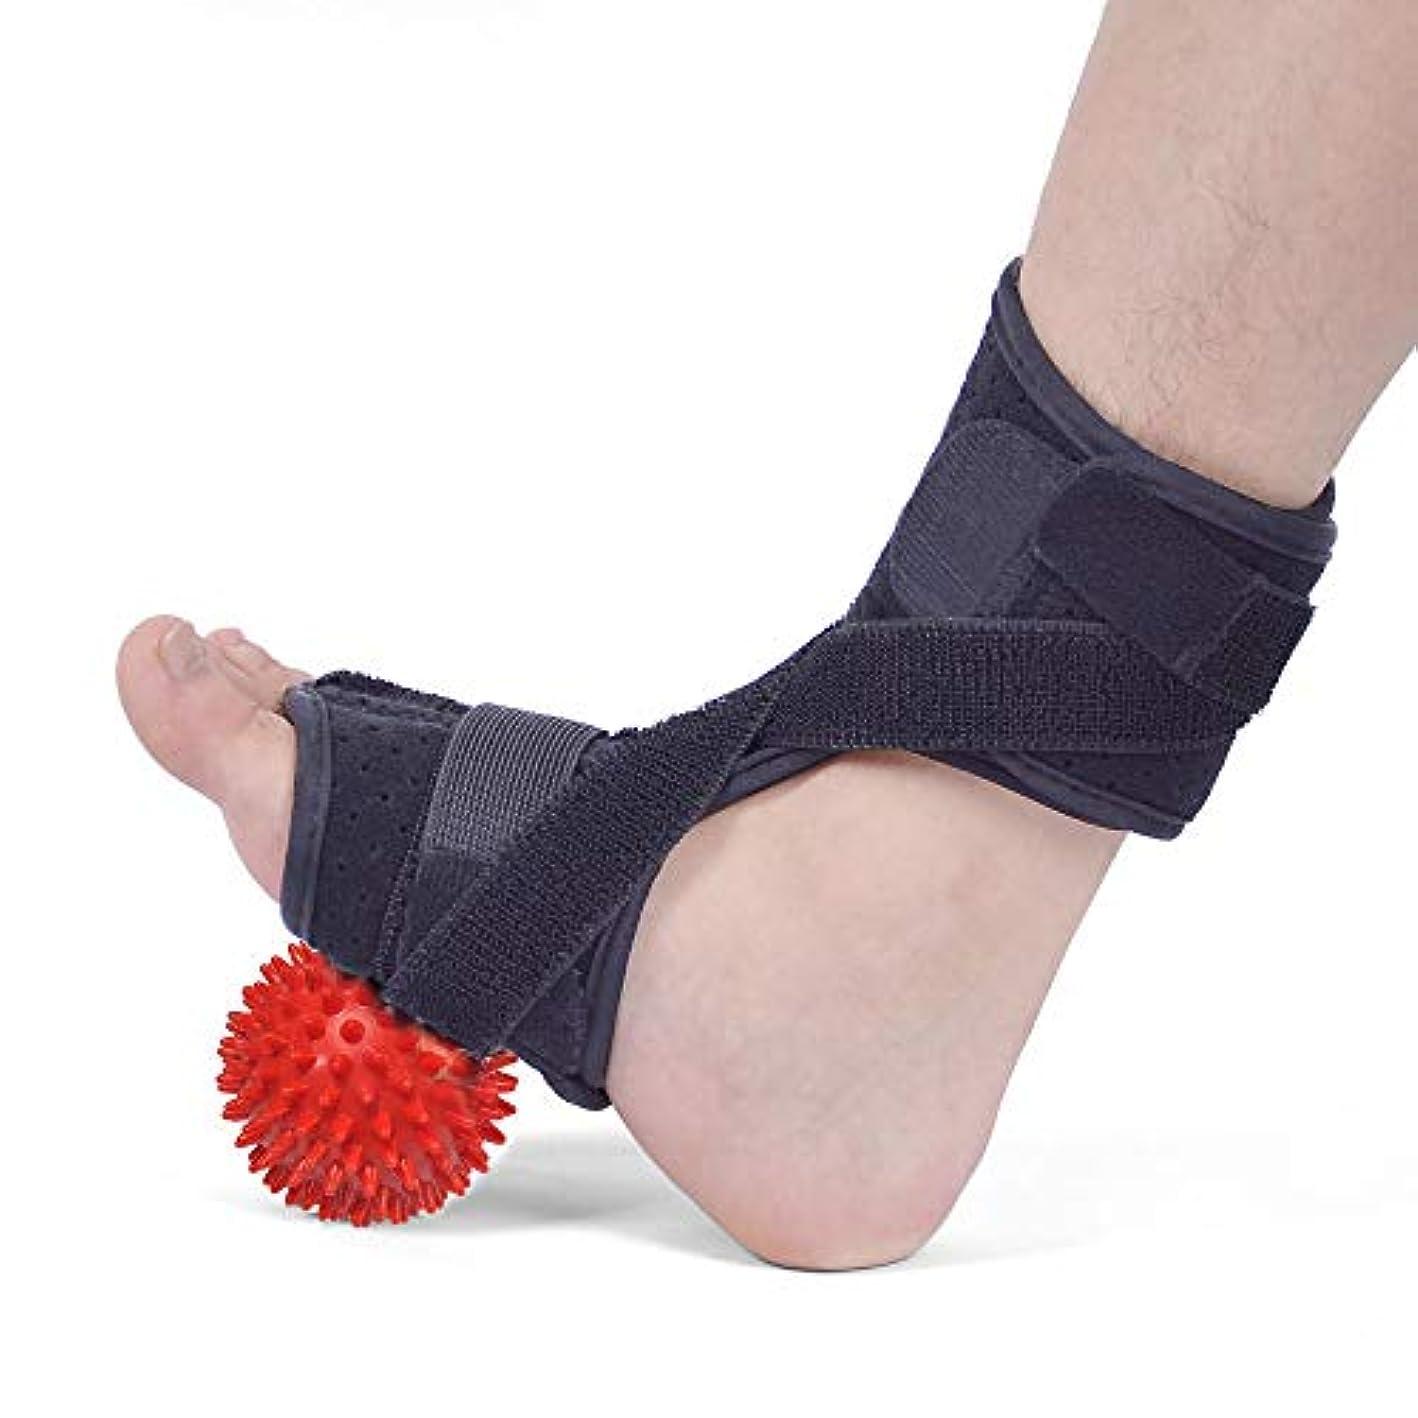 プレーヤー迫害する誠実さ足の筋膜炎の夜間副木、足垂れ整形外科の手入れ、左右の足に適している、PVC製ボールを使った夜間足の補助、すべてのコード、腱炎、関節炎